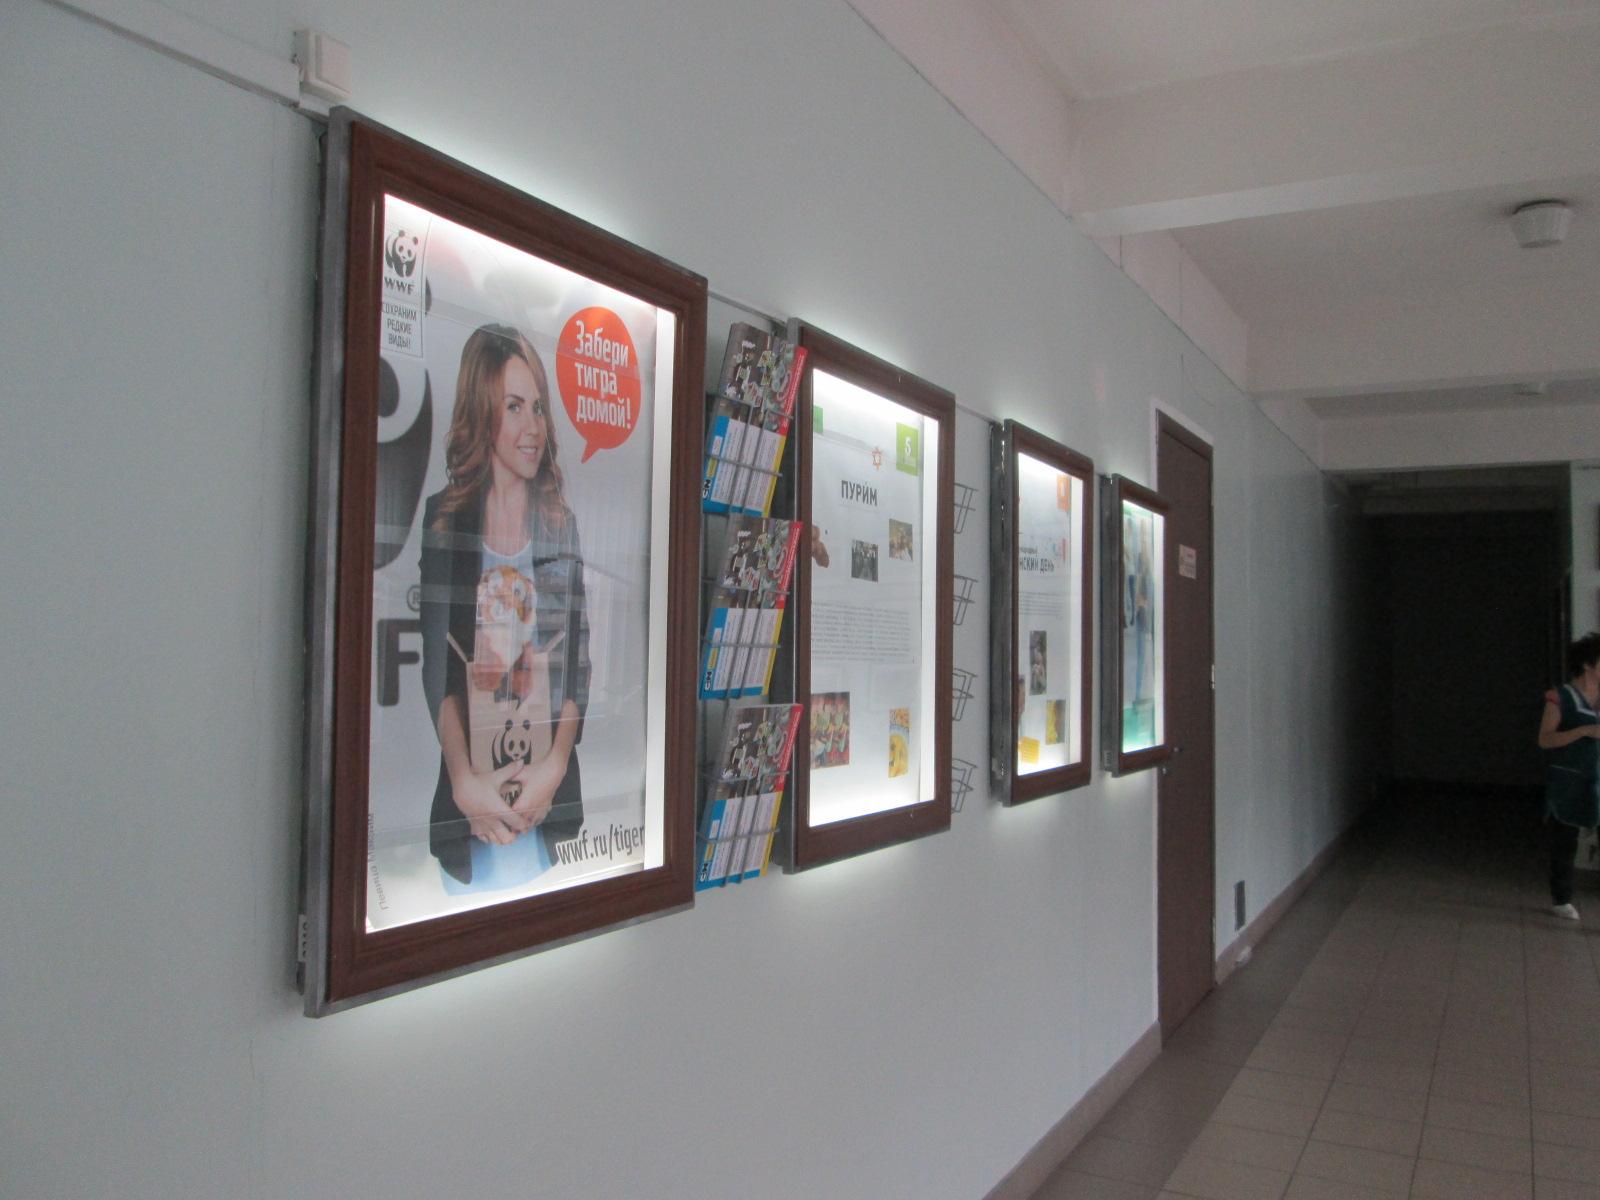 97b22e62638 Размещая во всей indoor-сети в учебных заведениях социальную рекламу  общественных и экологических организаций